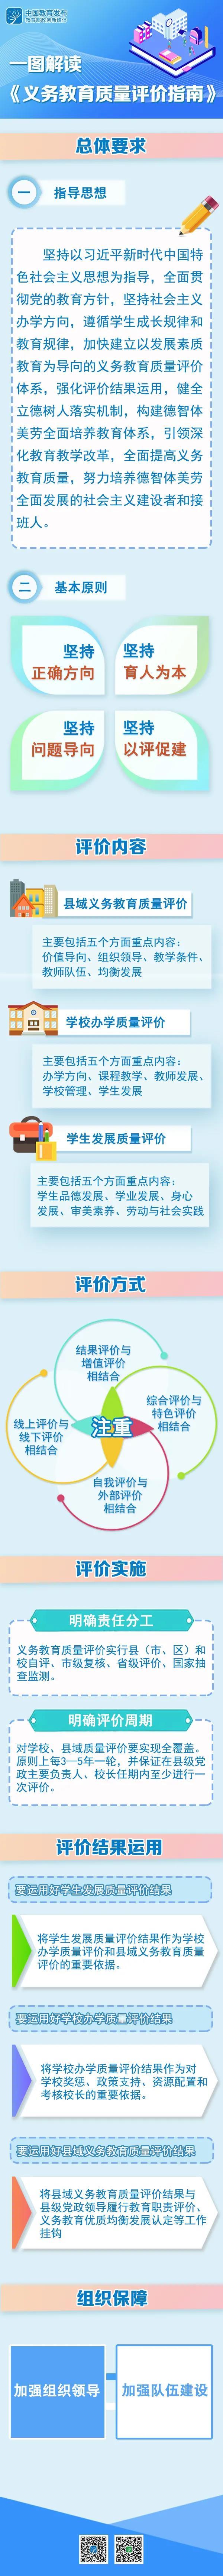 【图解】义务教育质量评价指南